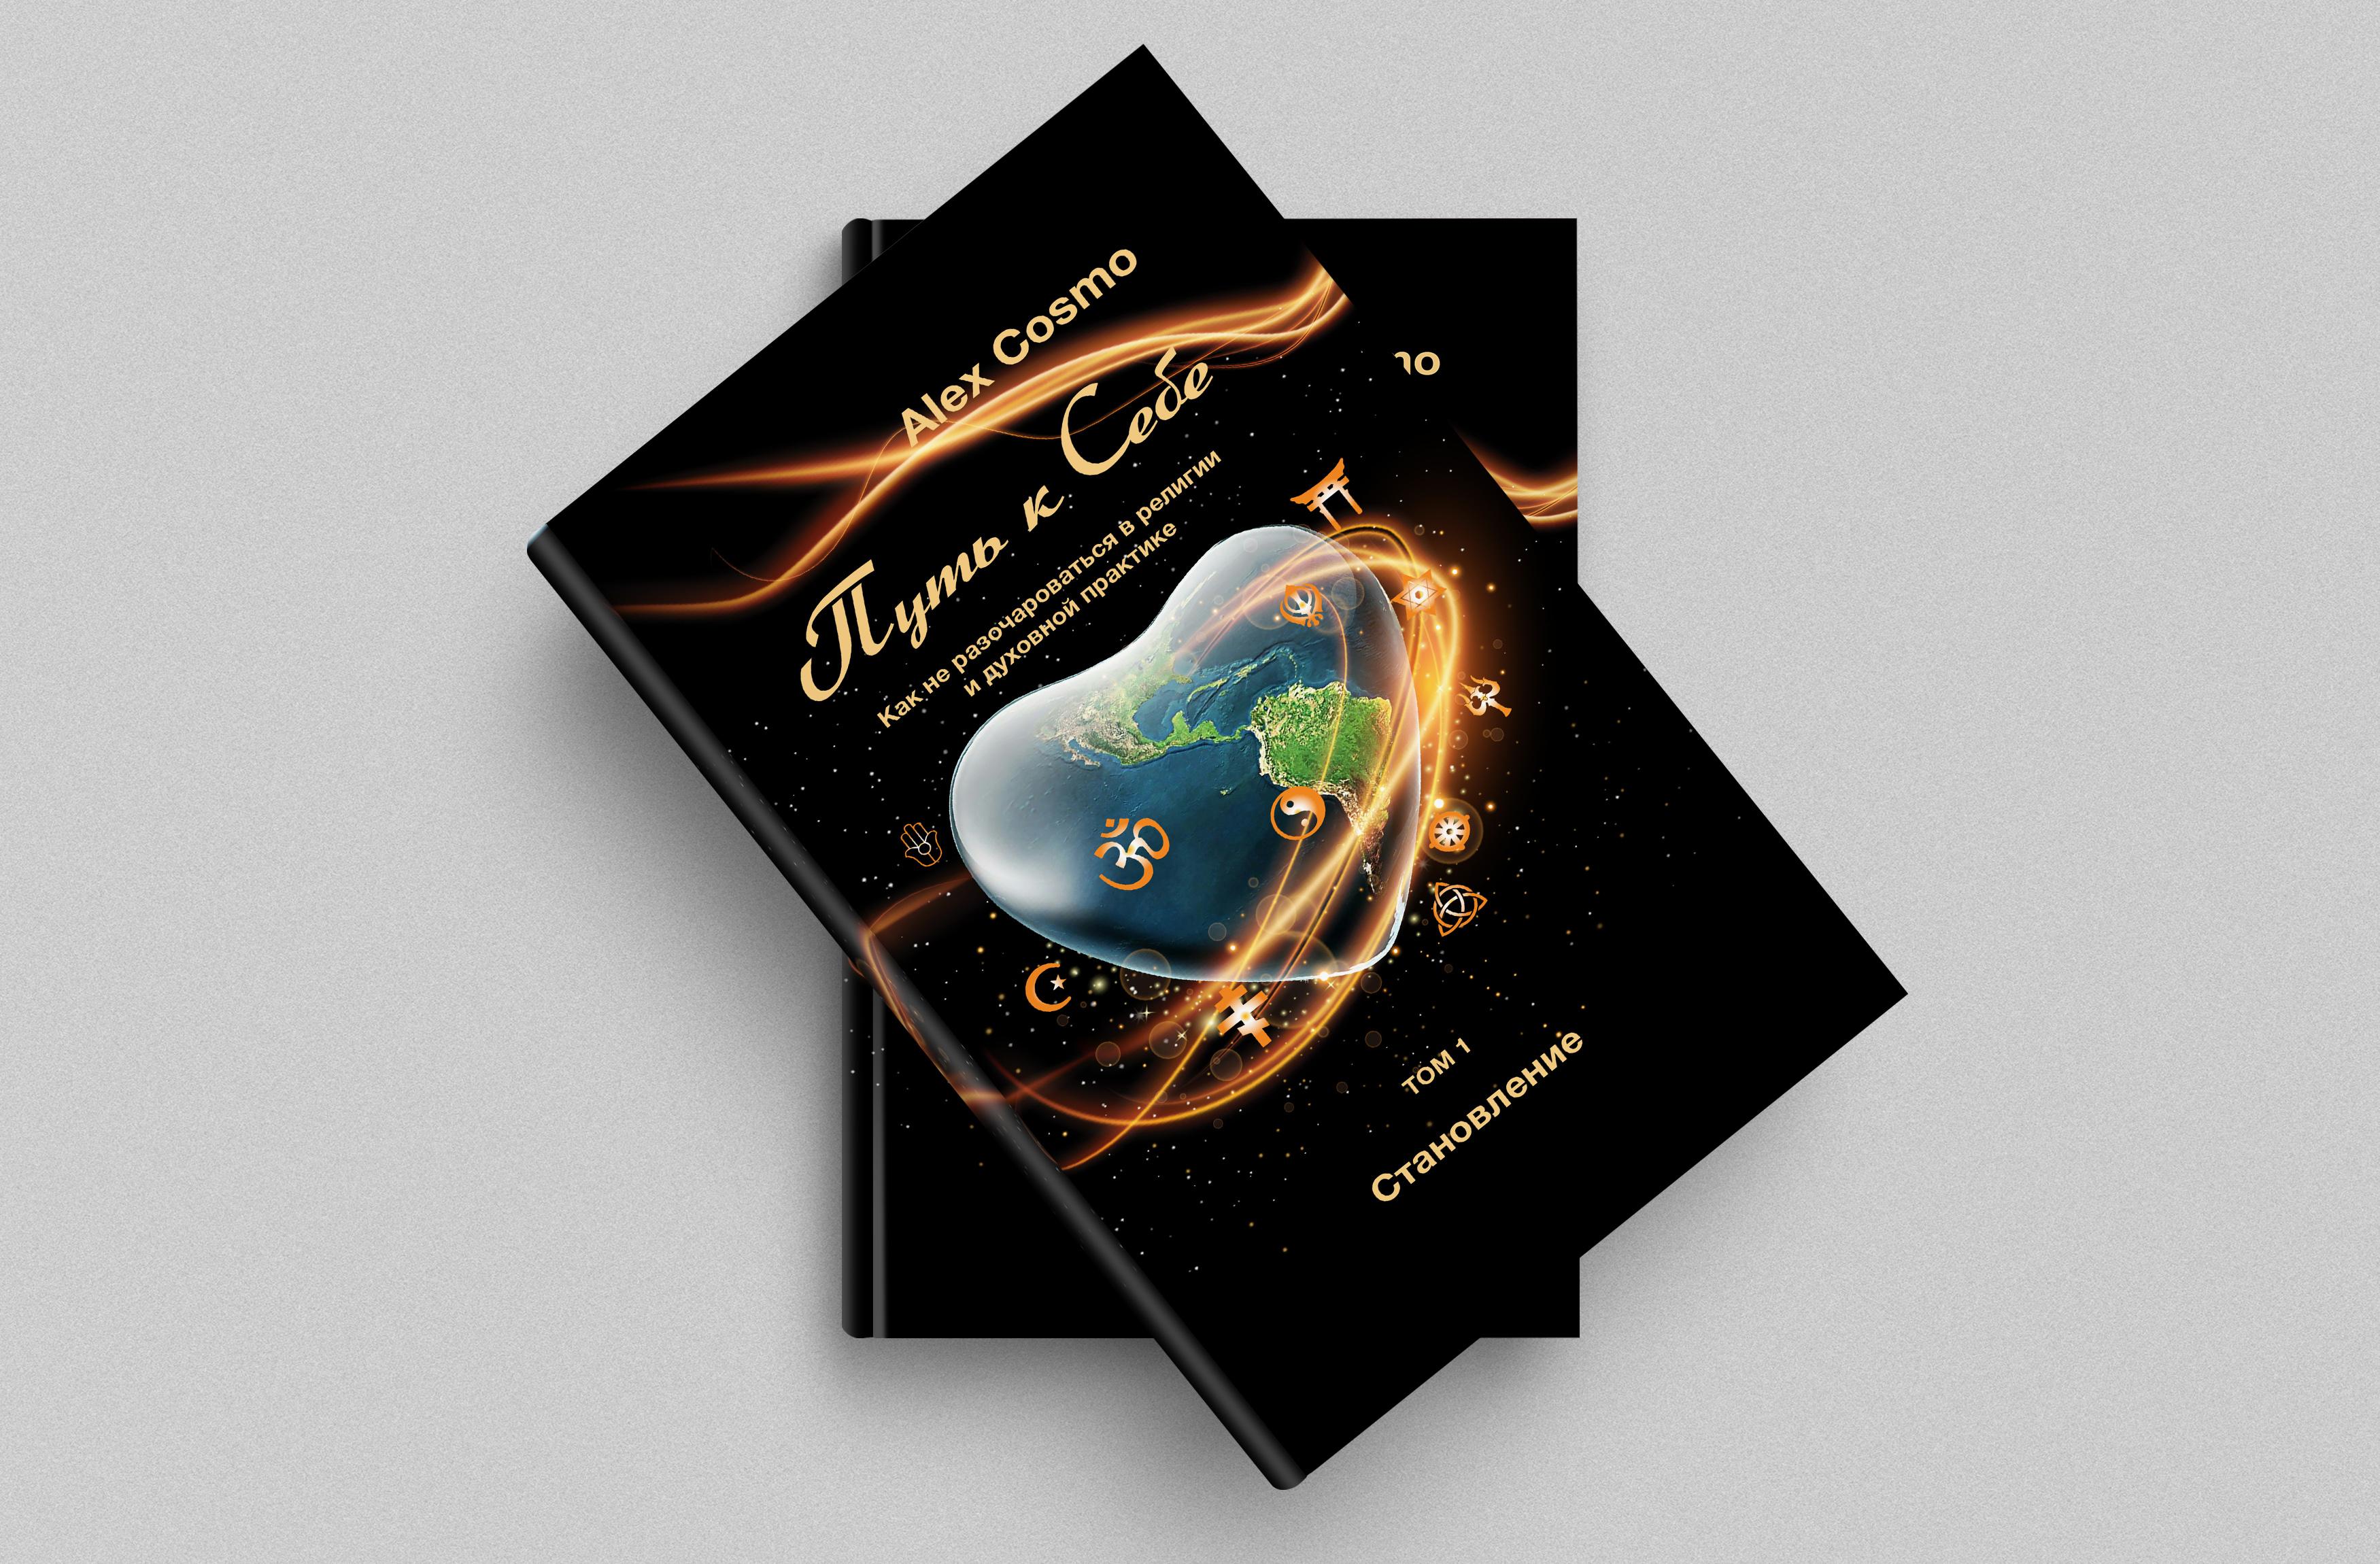 Обложка для книги - Путь к себе